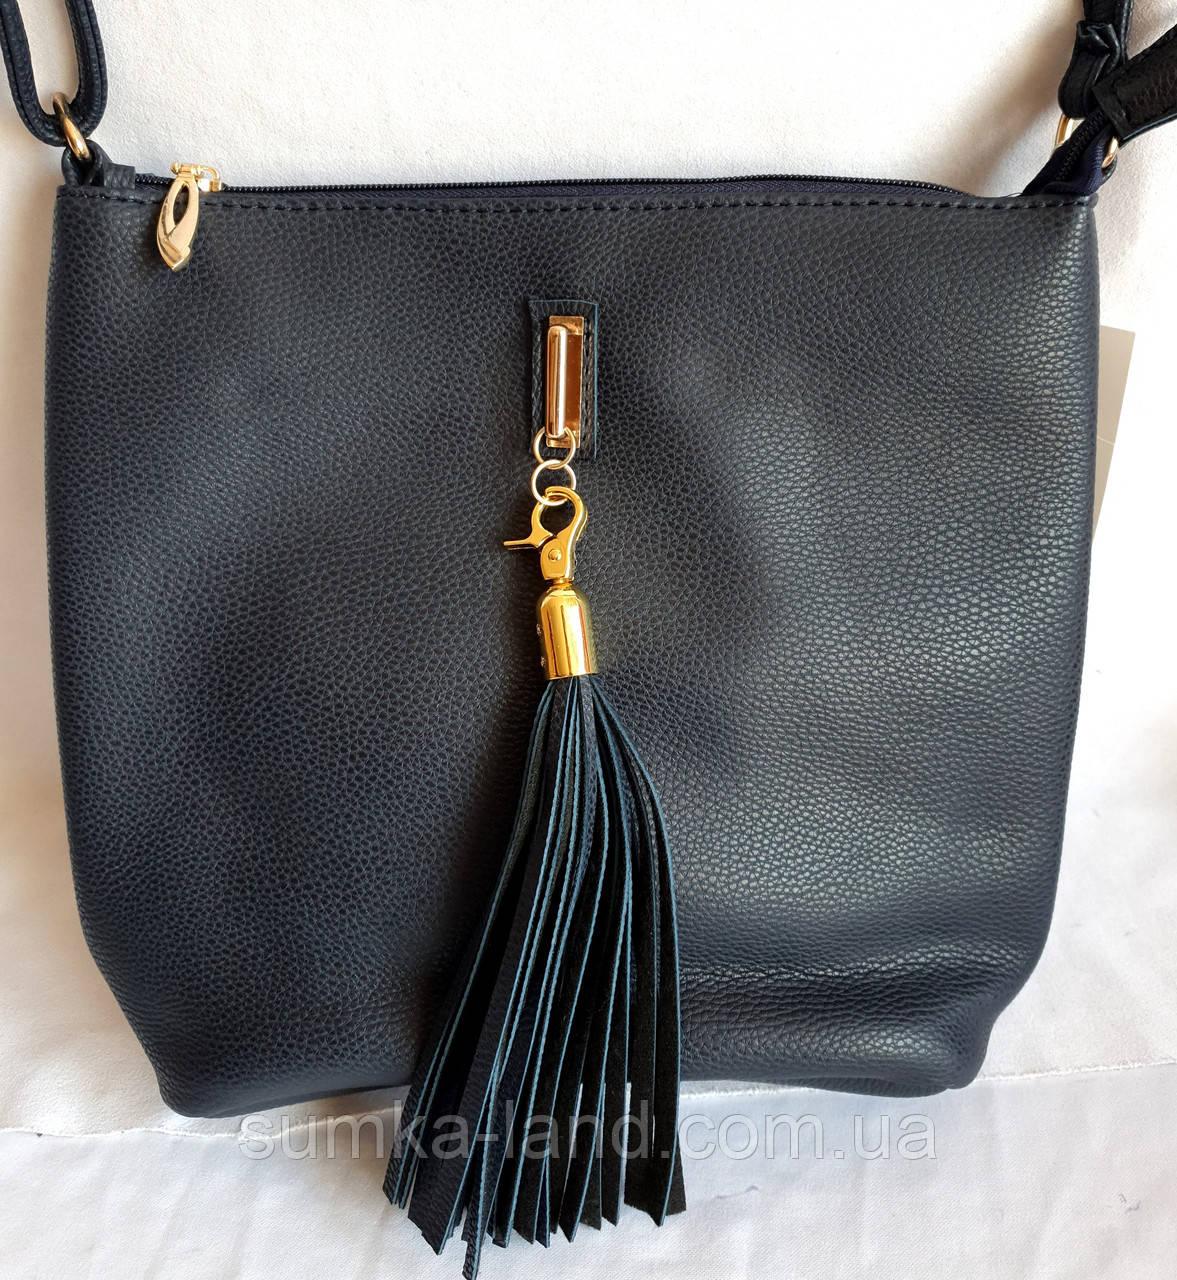 Женская синяя сумка, клатч с ремешком на плечо 26*25 см